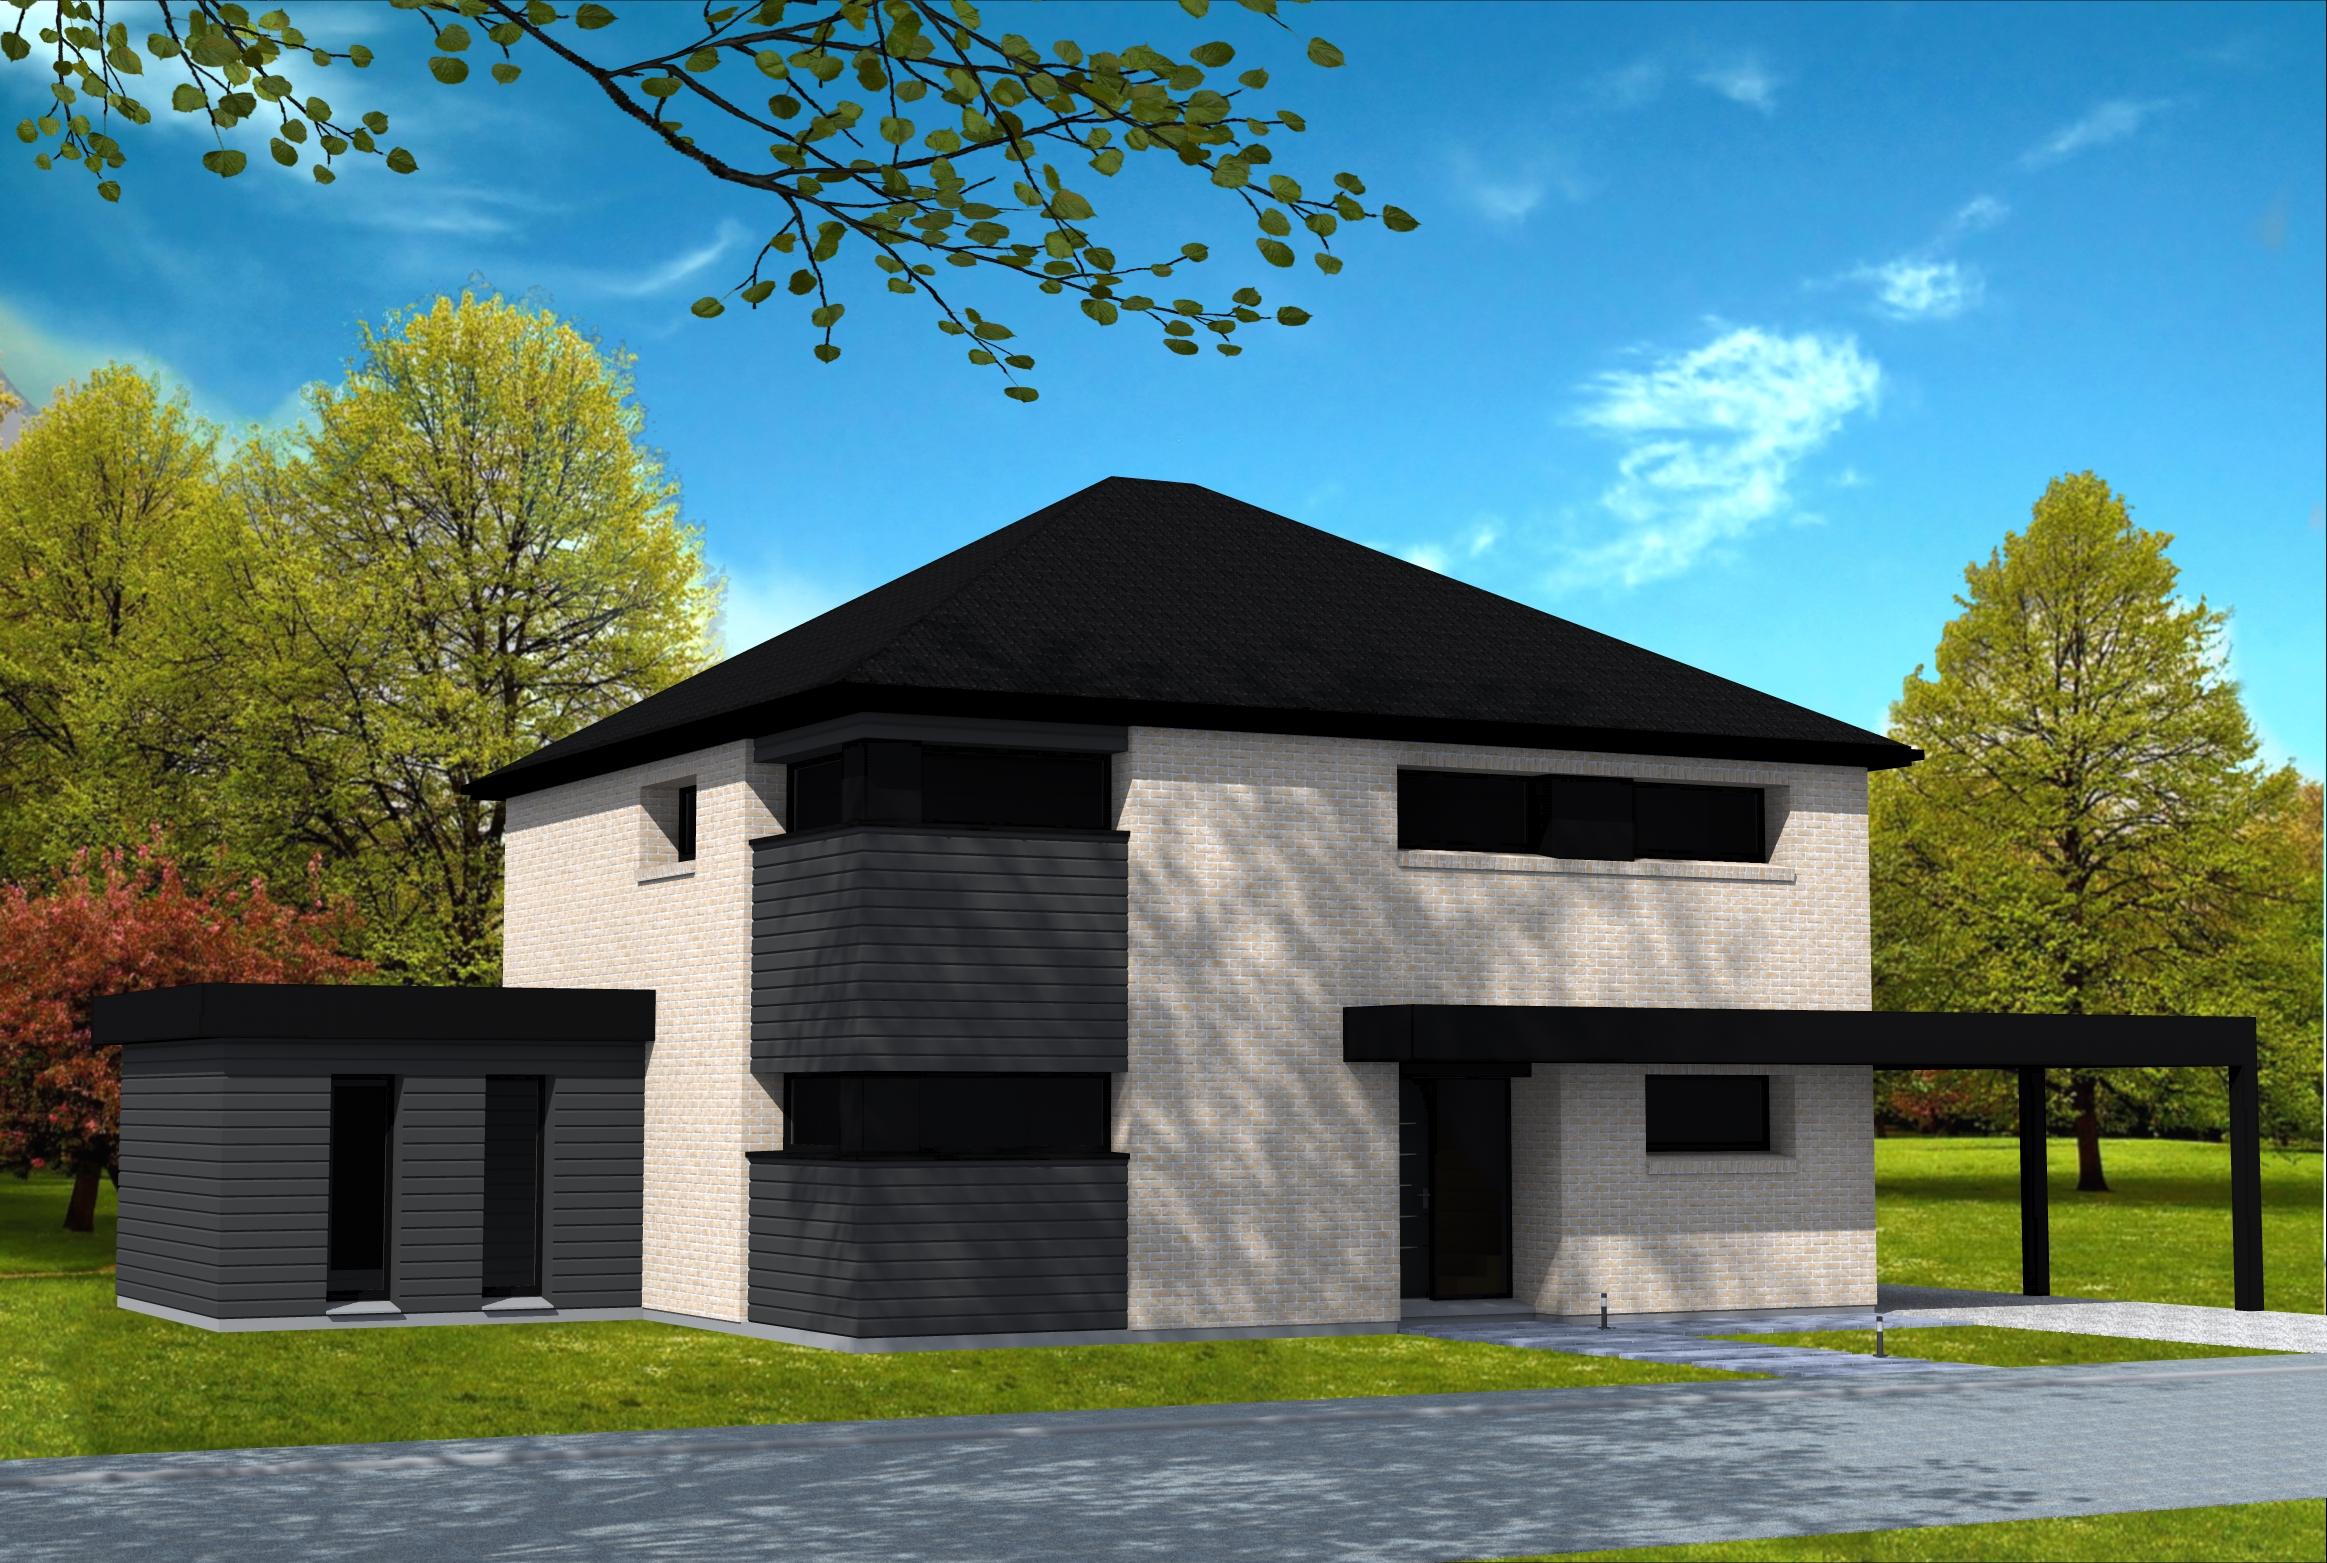 maison moderne brique grise